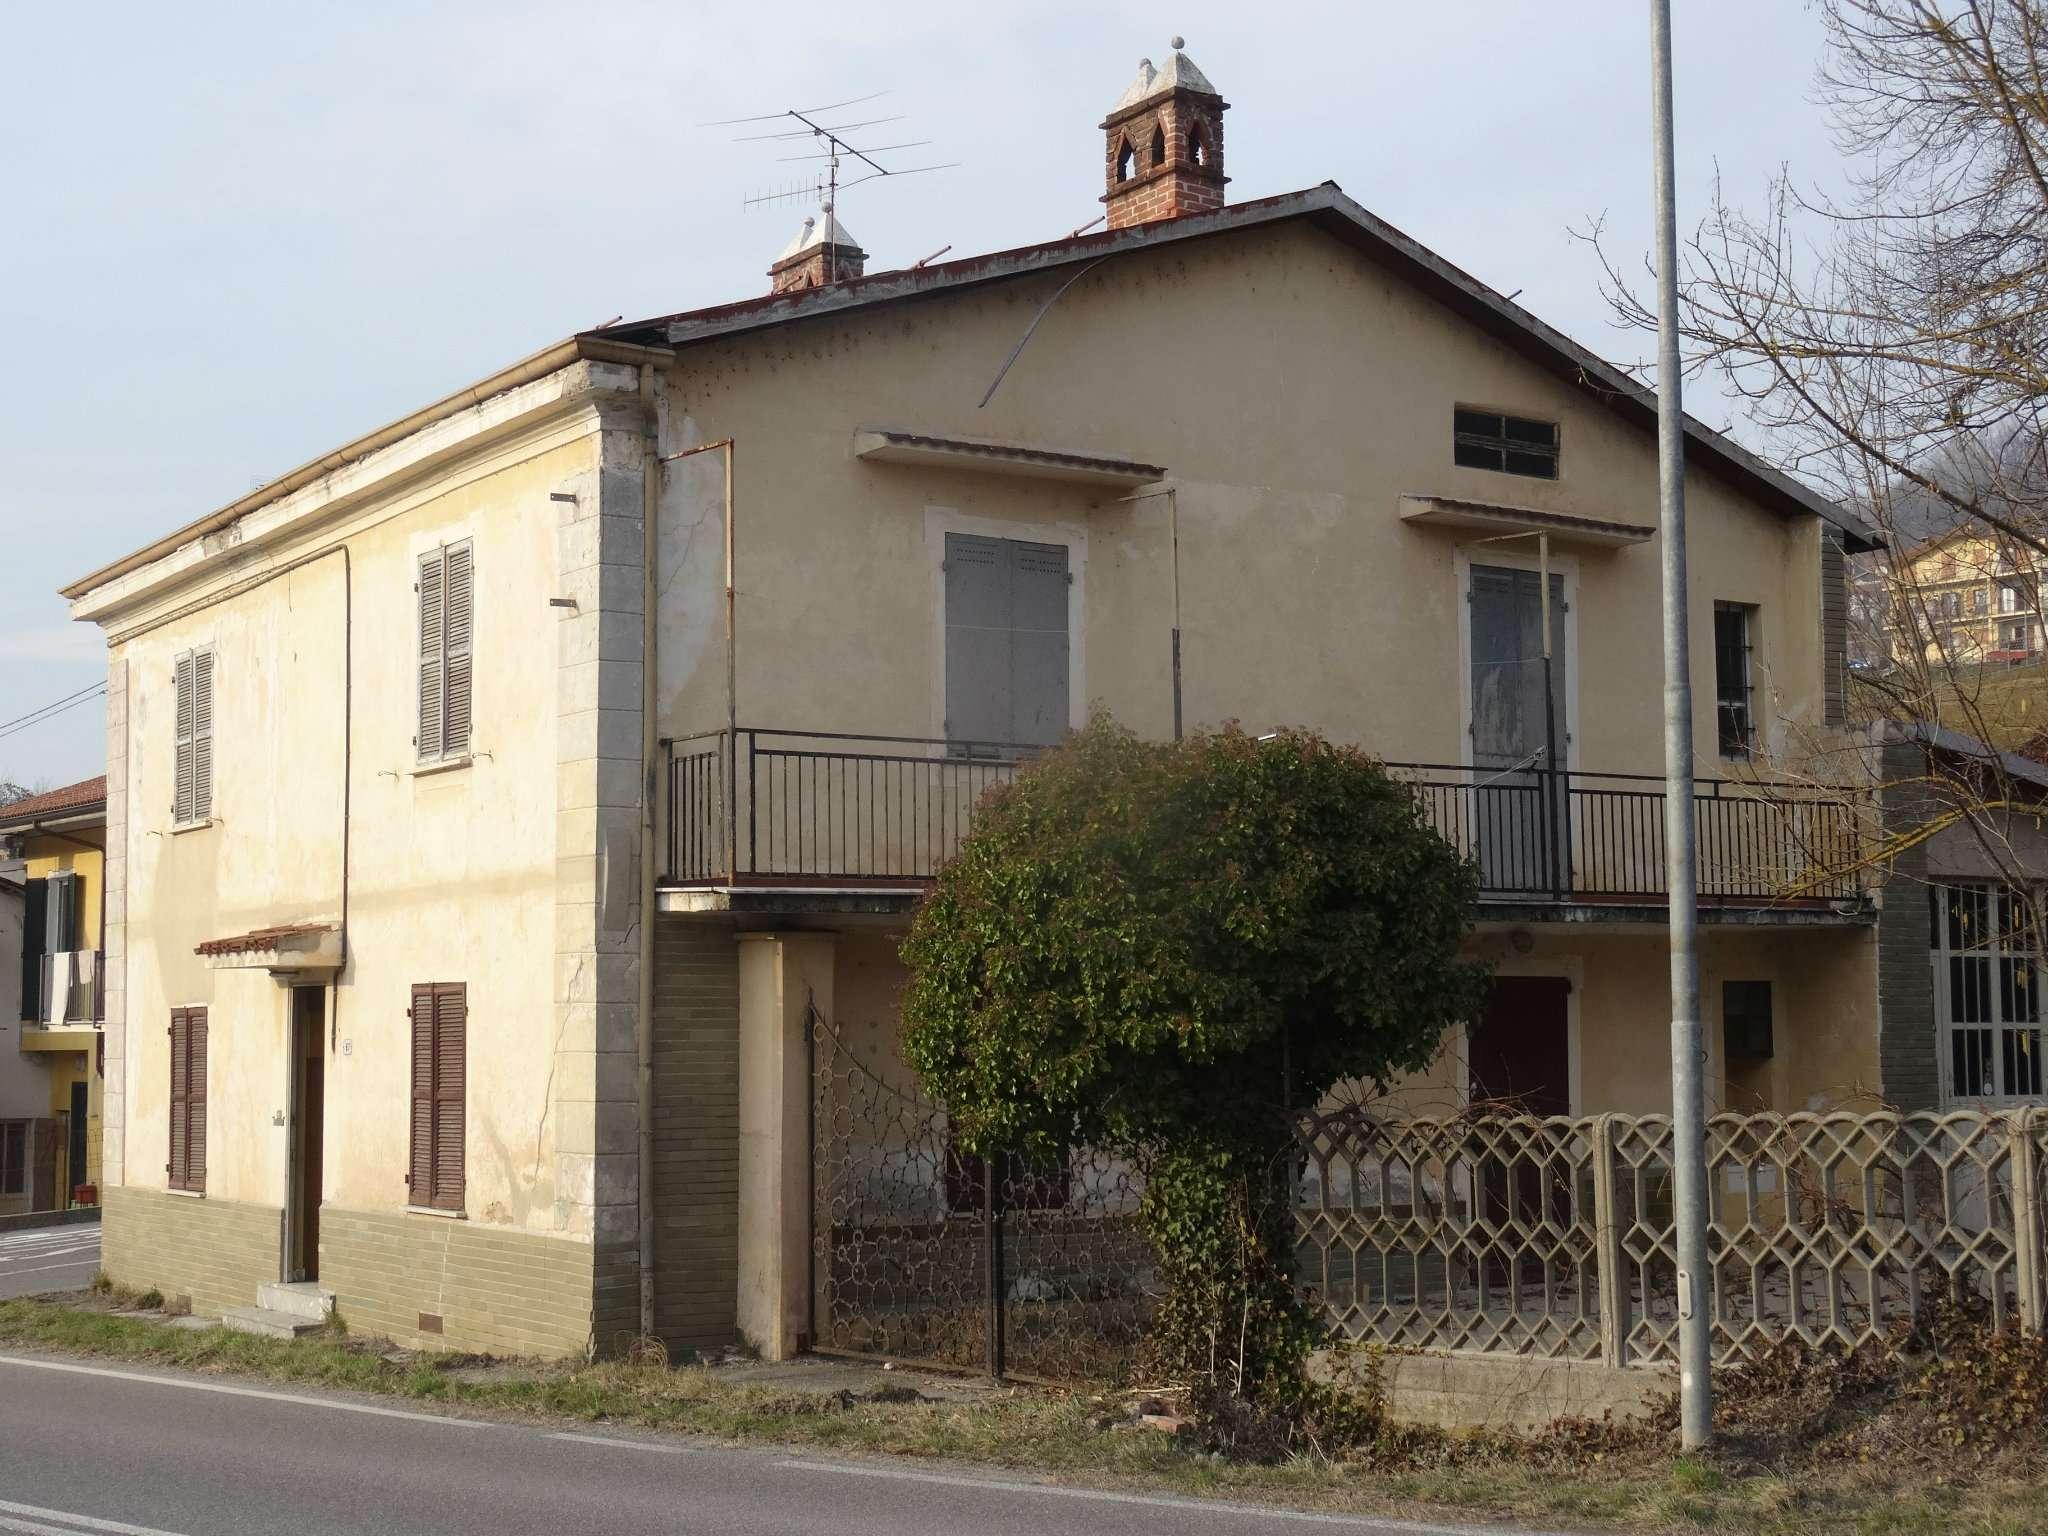 Soluzione Indipendente in vendita a Frabosa Sottana, 8 locali, prezzo € 58.000 | Cambio Casa.it